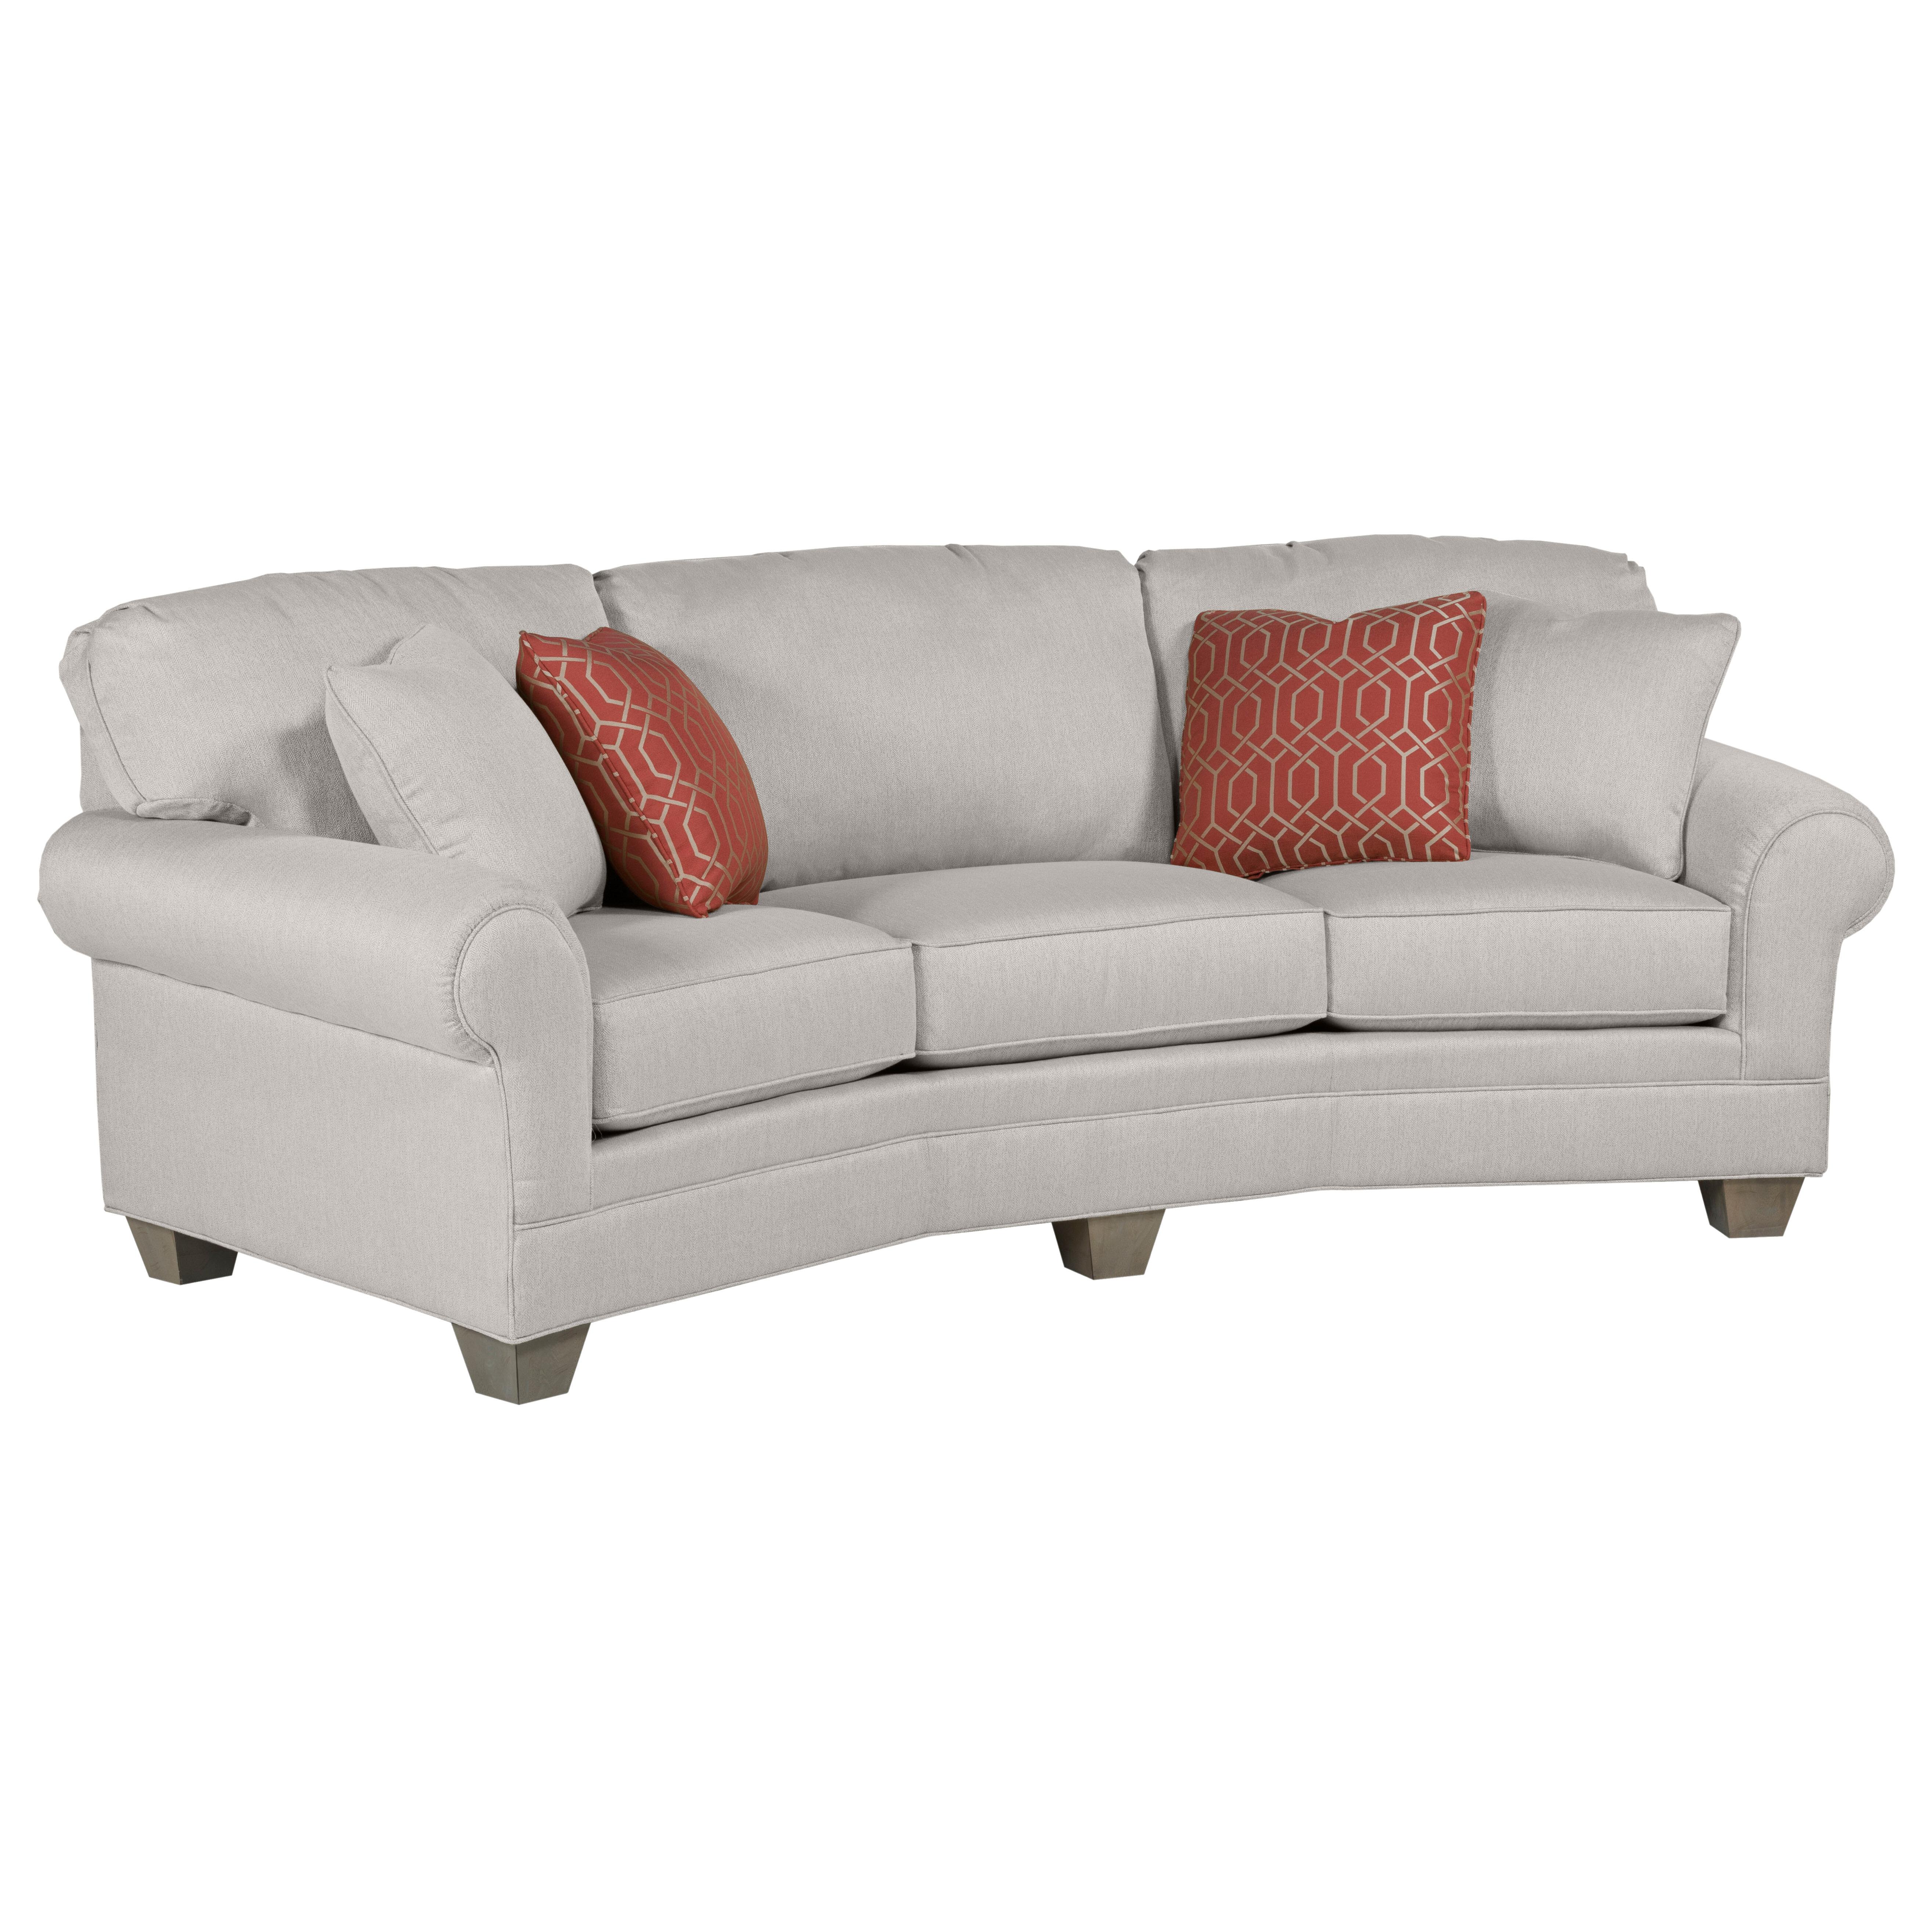 Fairfield Chair Ayden Leather Curved